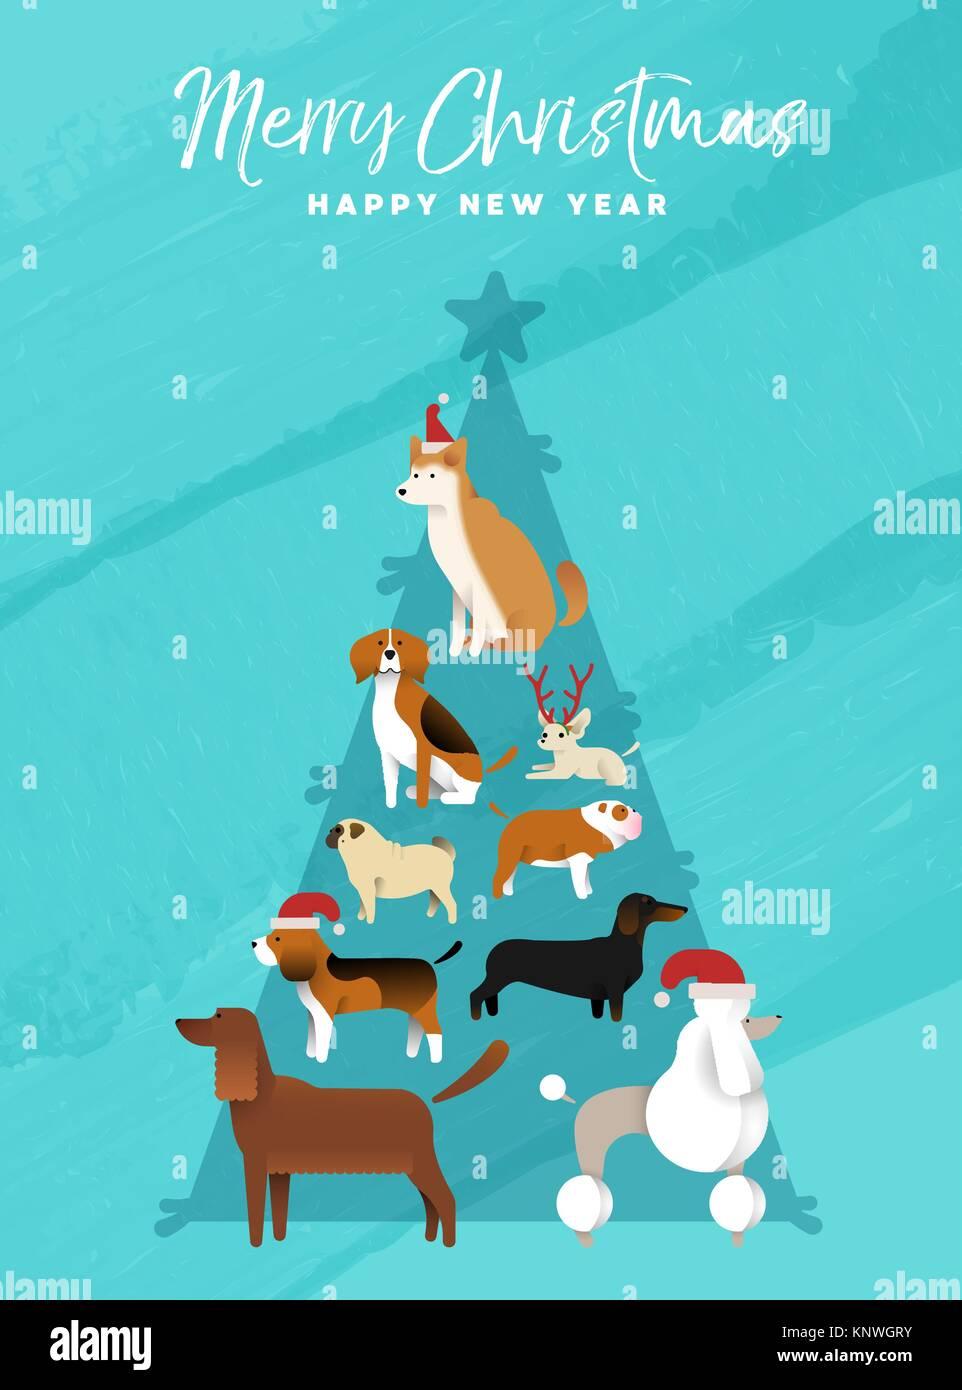 Foto Divertenti Di Buon Natale.Auguri Di Buon Natale Felice Anno Nuovo Vacanza Divertente Greeting